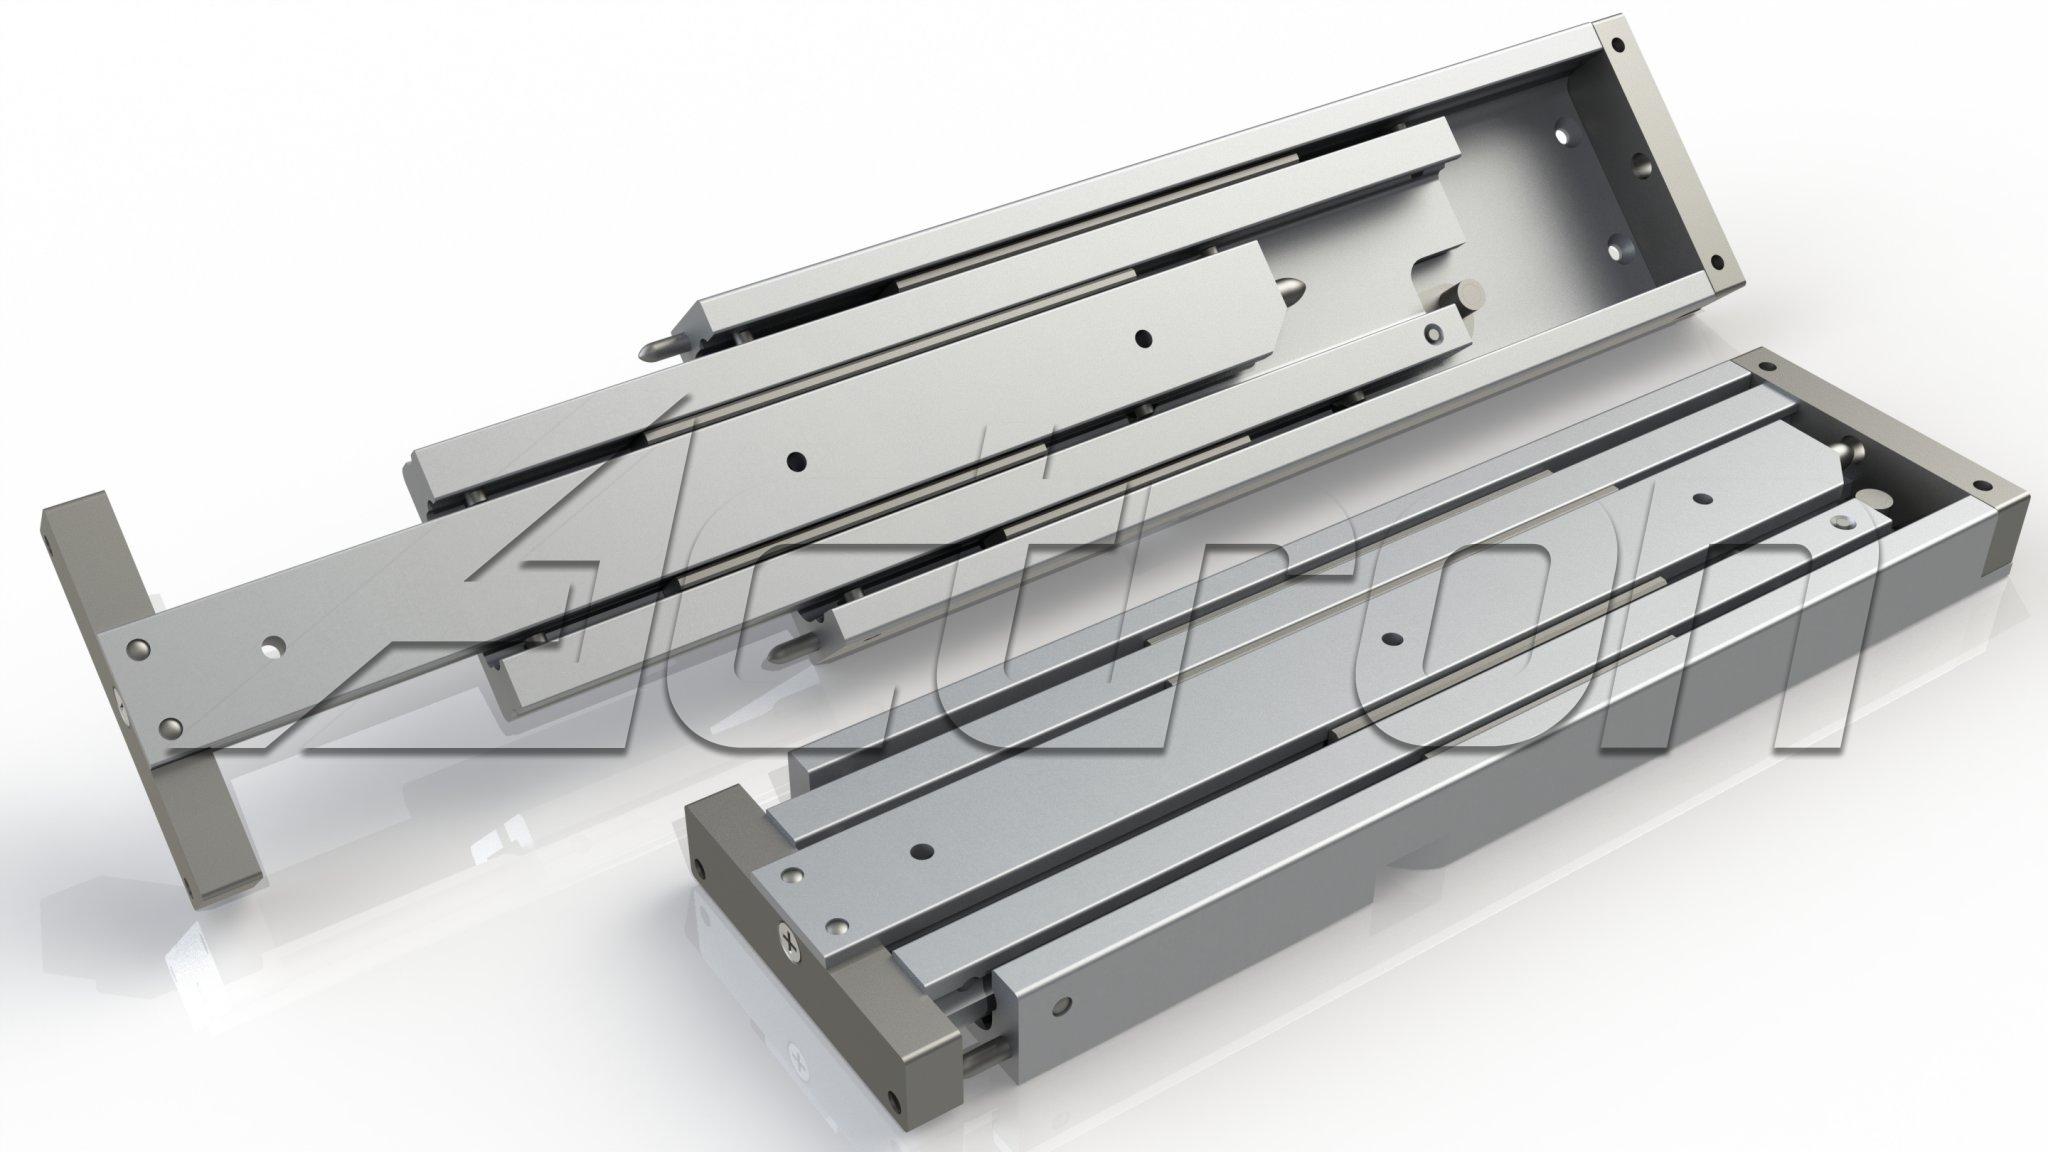 slide-assy-8211-aluminum-1-00-8243-x-3-50-8243-5090-a6217.jpg